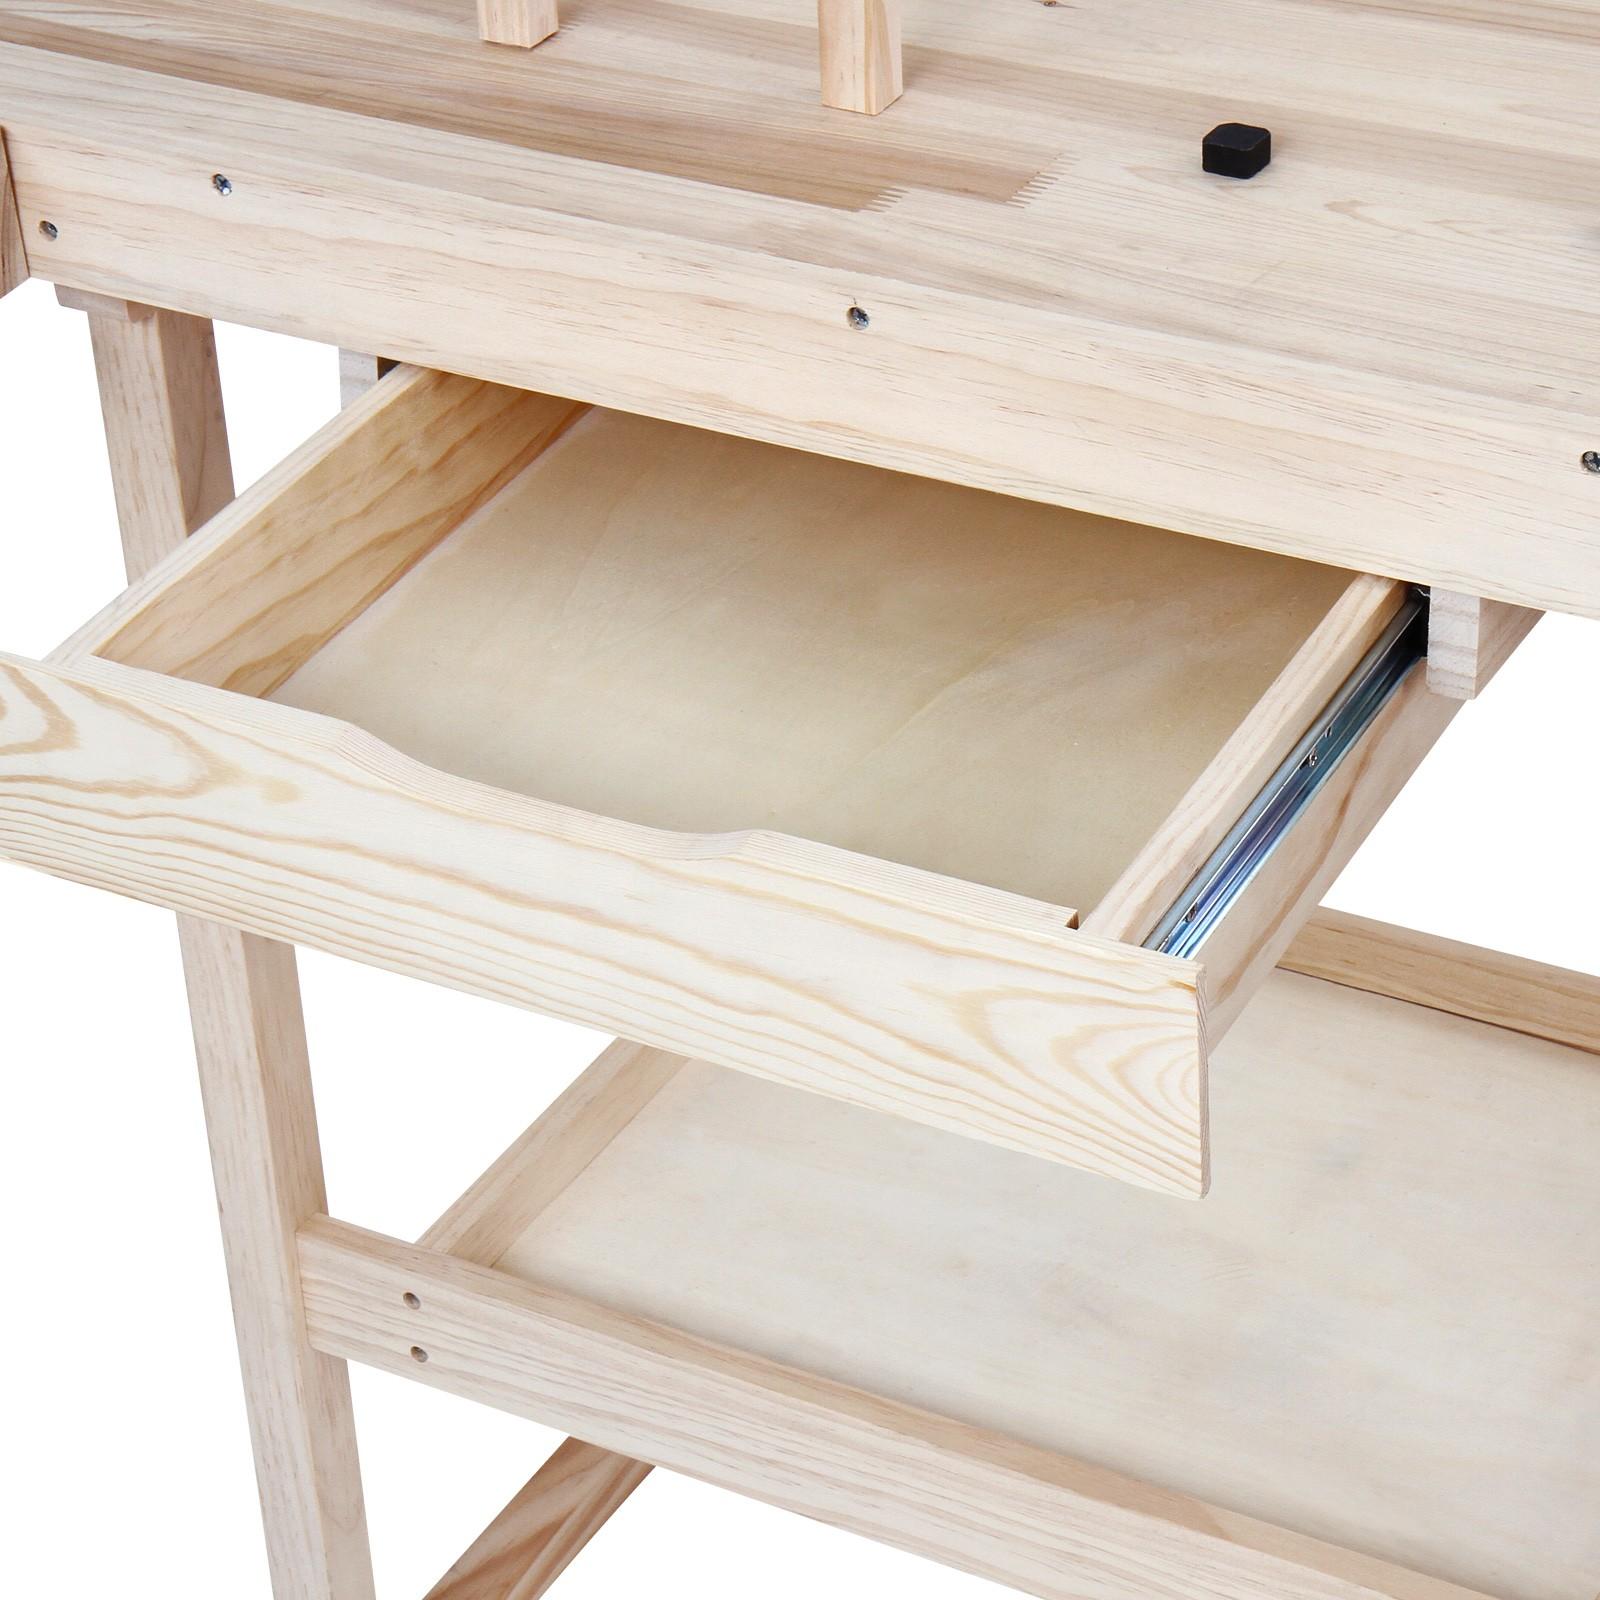 Werkbank Holz Werktisch Arbeitstisch Hobelbank Werkstatt Schraubstock Schublade